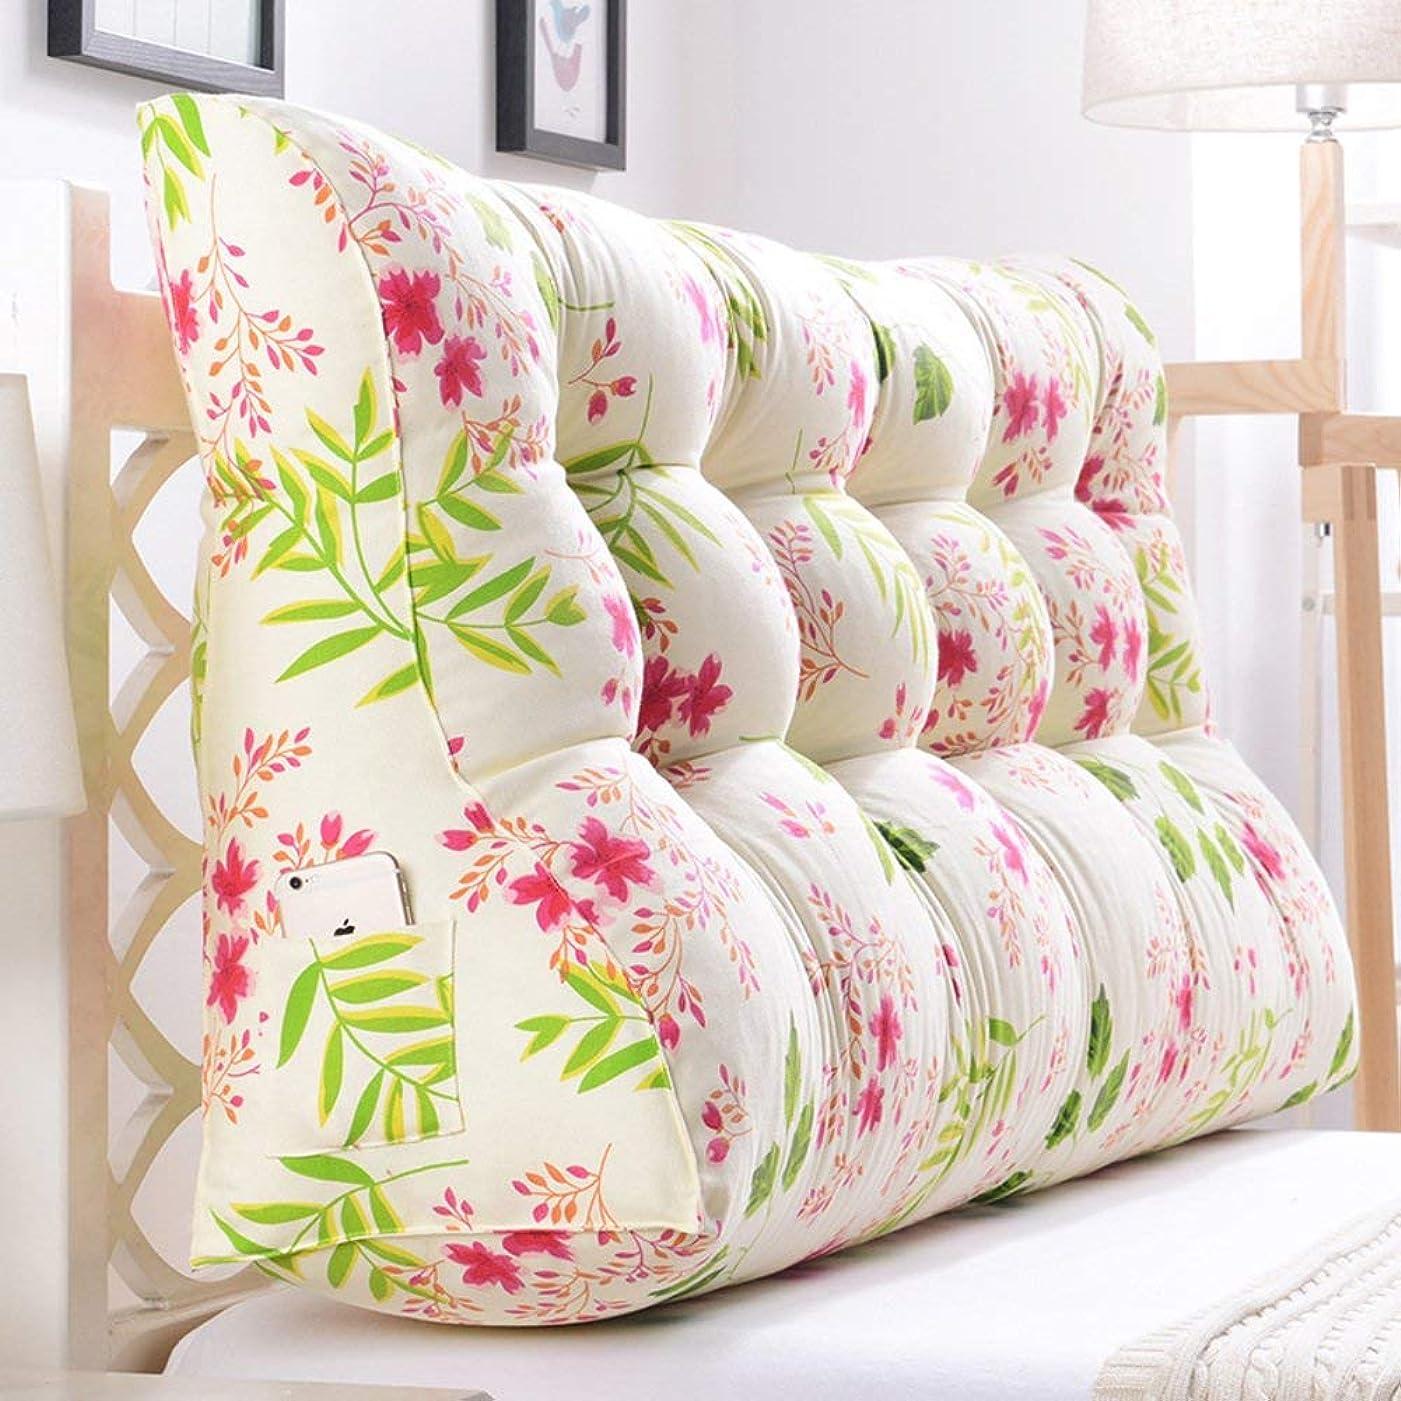 変なサロン使用法2J-QingYun Trade 三角ウェッジ、ベッドサイドバッククッション枕マットクッションウエストクッションソファバッククッションソフトロールウエスト (Color : M, サイズ : 60x30x90cm(24x12x35inch))